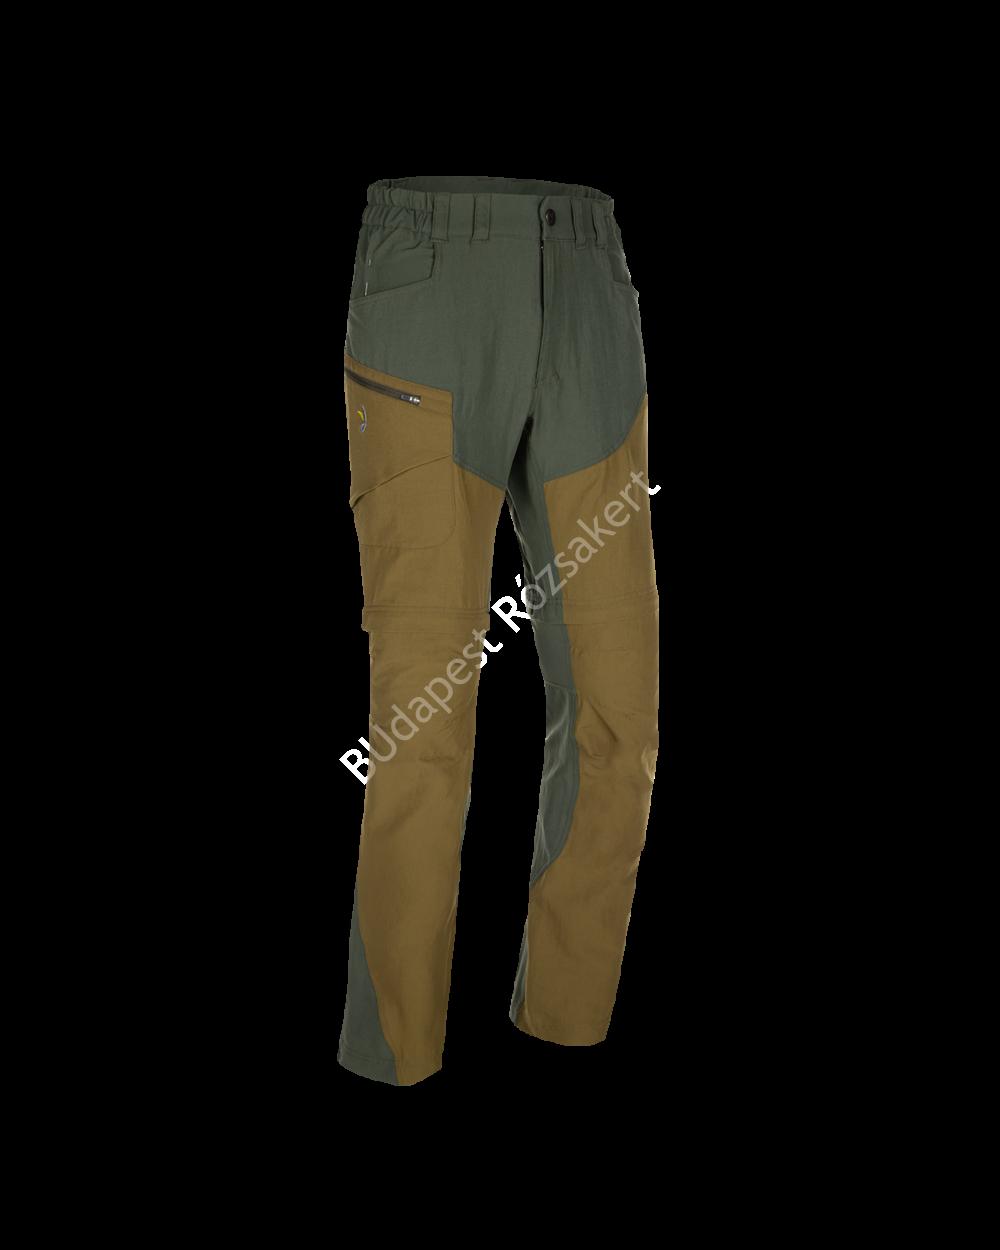 Zajo Magnet Neo Pants Zip Off  lezipzározható férfi túranadrág, climing ivy, S